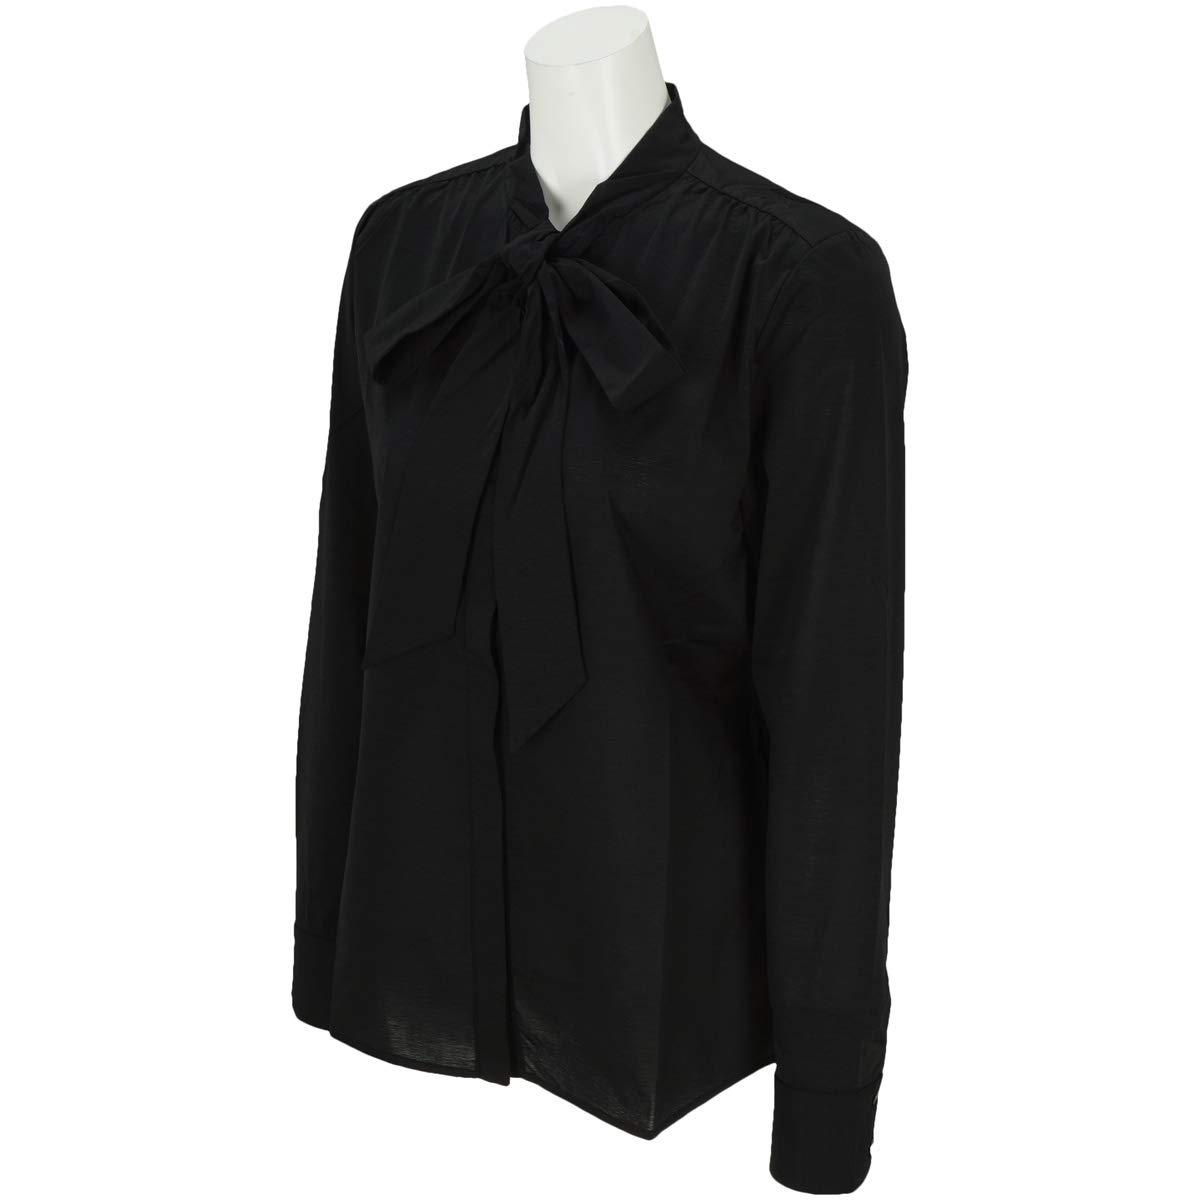 セントアンドリュース St ANDREWS 長袖シャツポロシャツ BlackLabel 半回縞リボンタイ長袖シャツ レディス B07JLQWKHT M|ブラック 010 ブラック 010 M